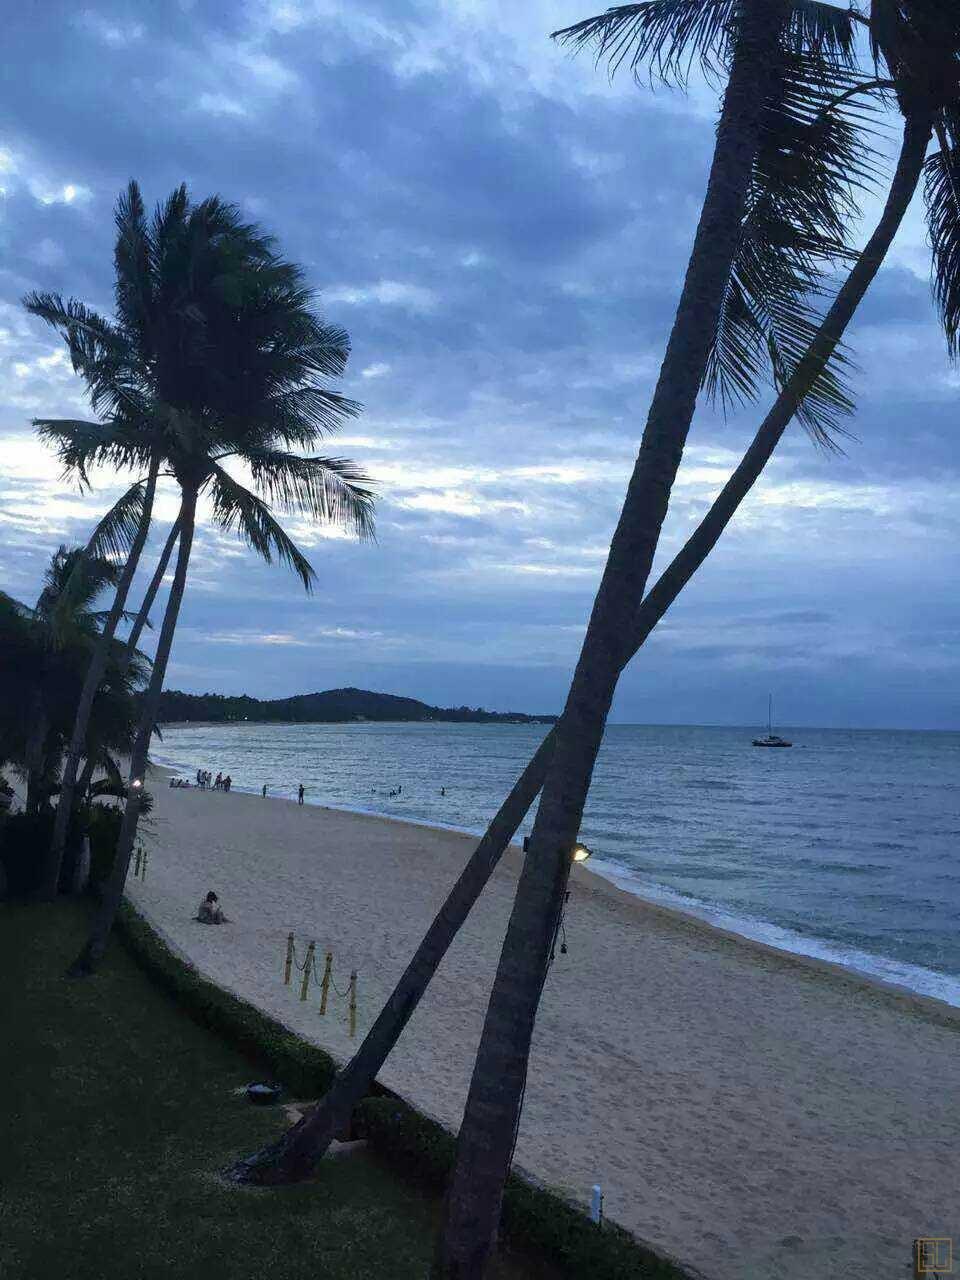 密斯卡湾莲花别墅预订,苏梅岛湄南海滩别墅,公寓,酒店